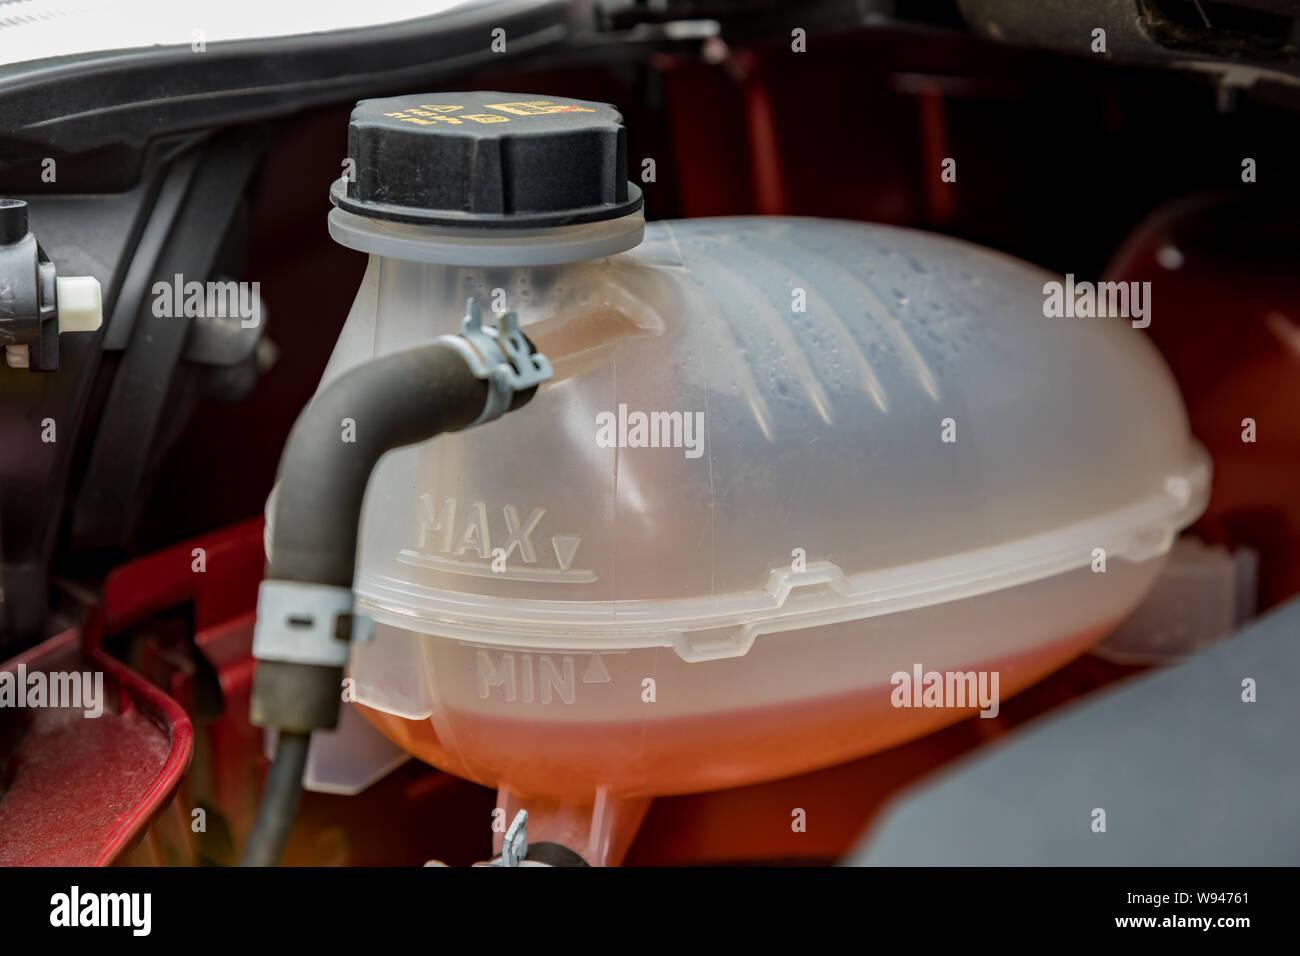 Antifreeze Stock Photos & Antifreeze Stock Images - Alamy